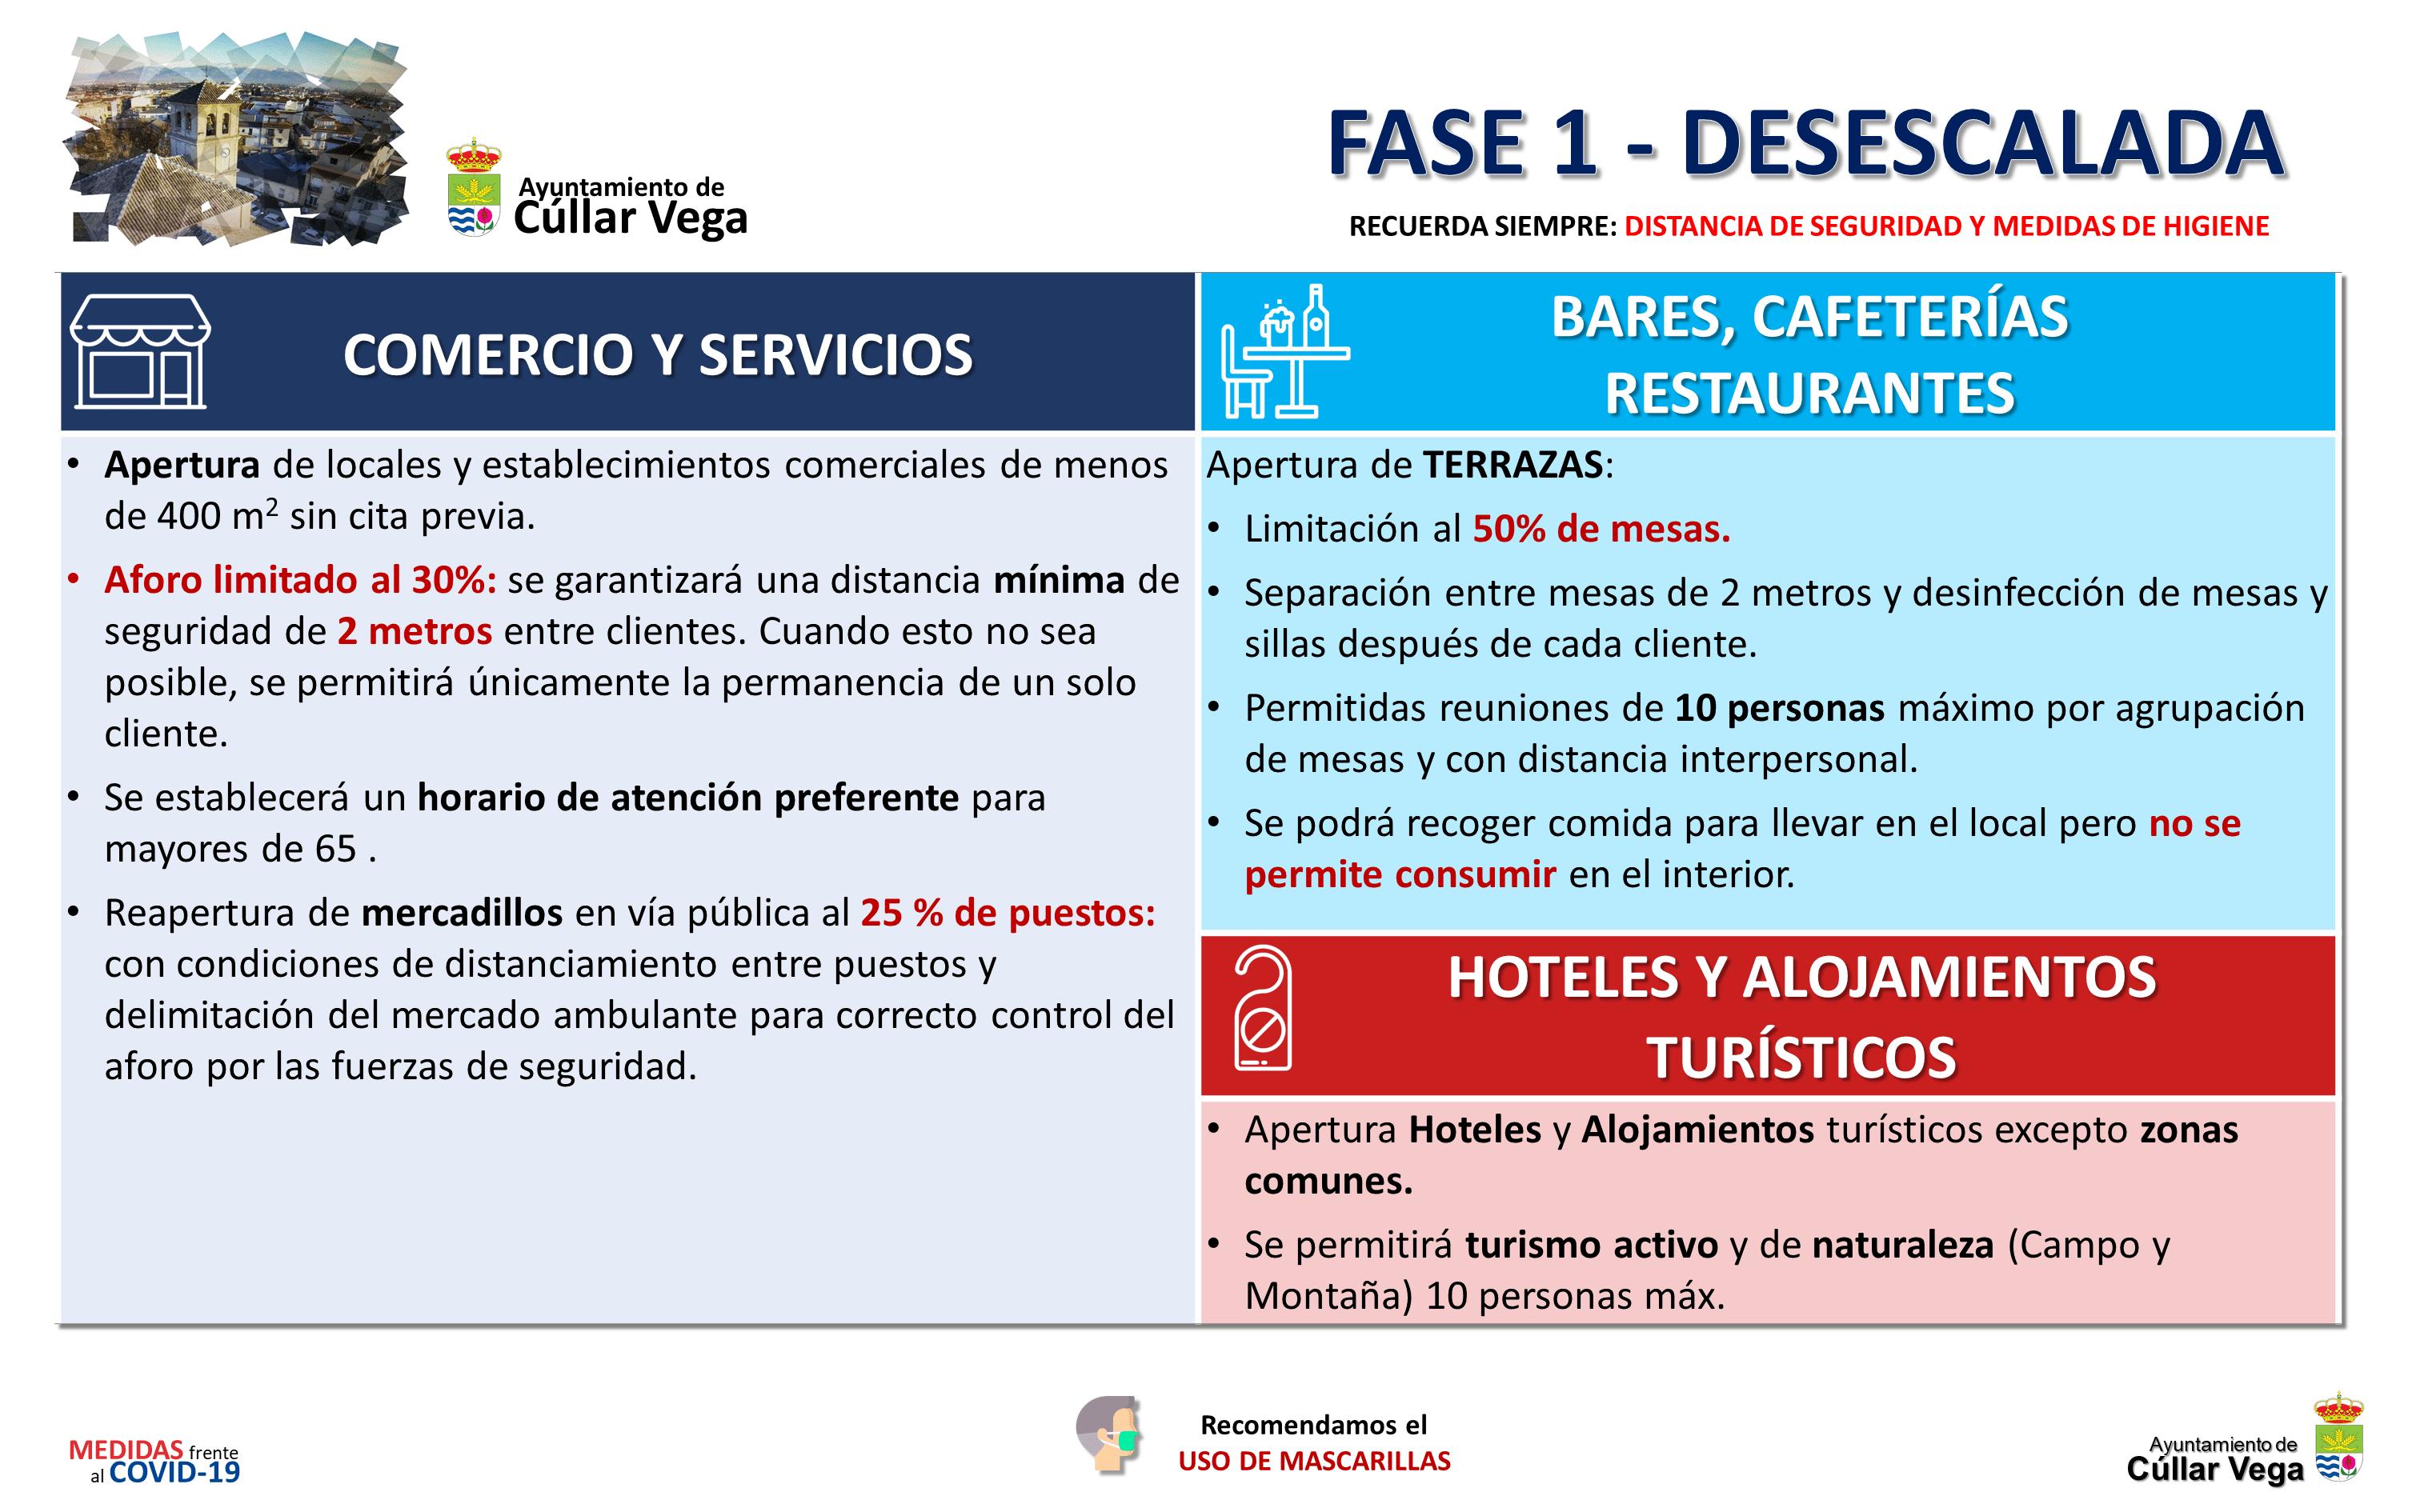 Fase 1 - Normas y protocolos para la Vida Social, Comercio, Hostelería, Deporte y Ocio